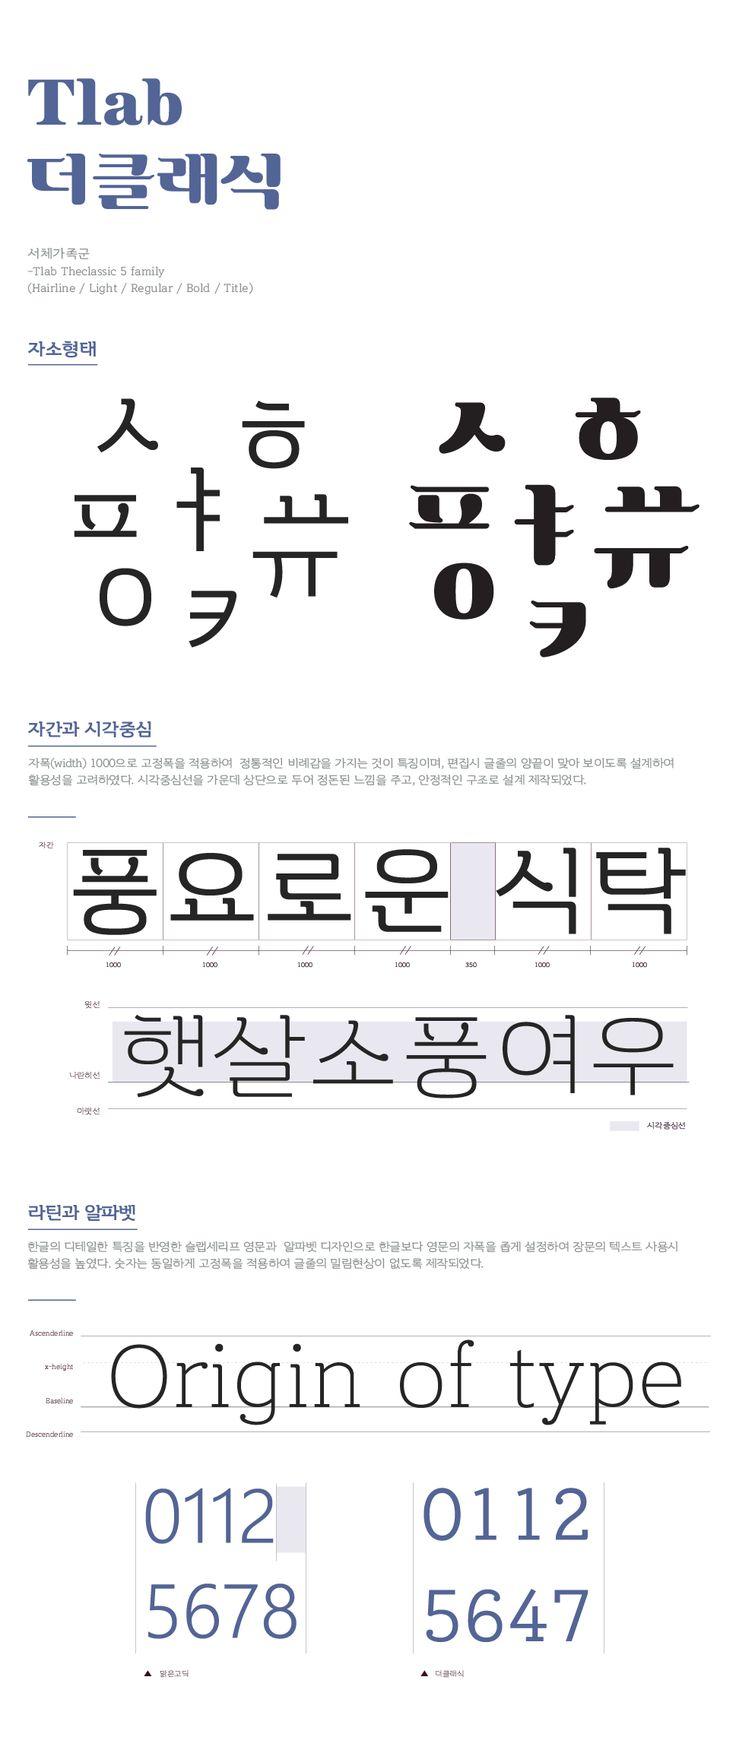 [박윤정&타이포랩] 신규 폰트!! Tlab 더클래식!! [PYJ&Typolab] New Typeface!! Tlab Theclassic!!